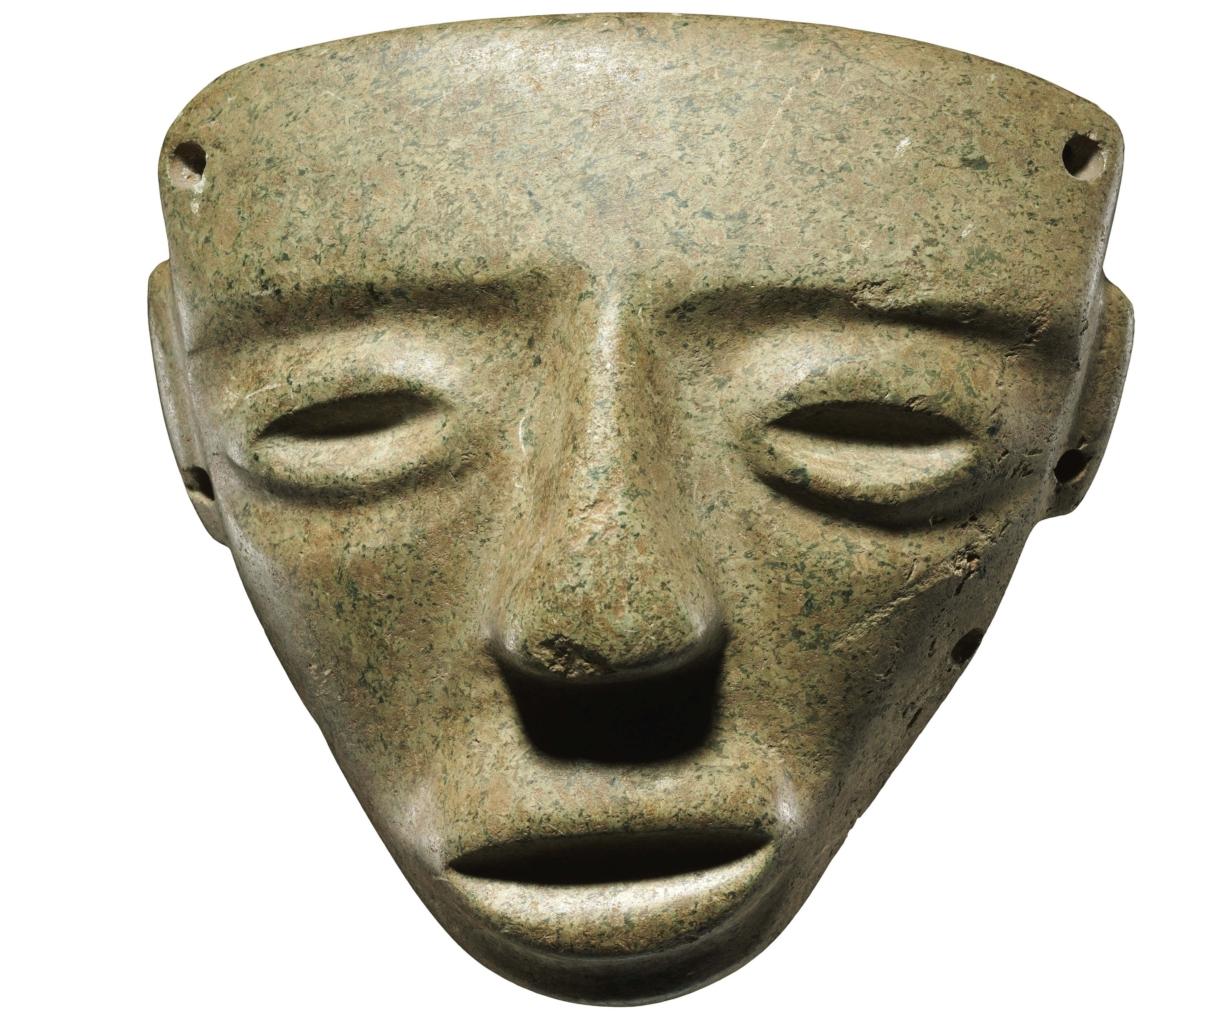 Maschera antropomorfa Cultura pre-Teotihuacan, 400-100 a.C., Pietra dura di colore grigio, Venezia, Collezione Ligabue